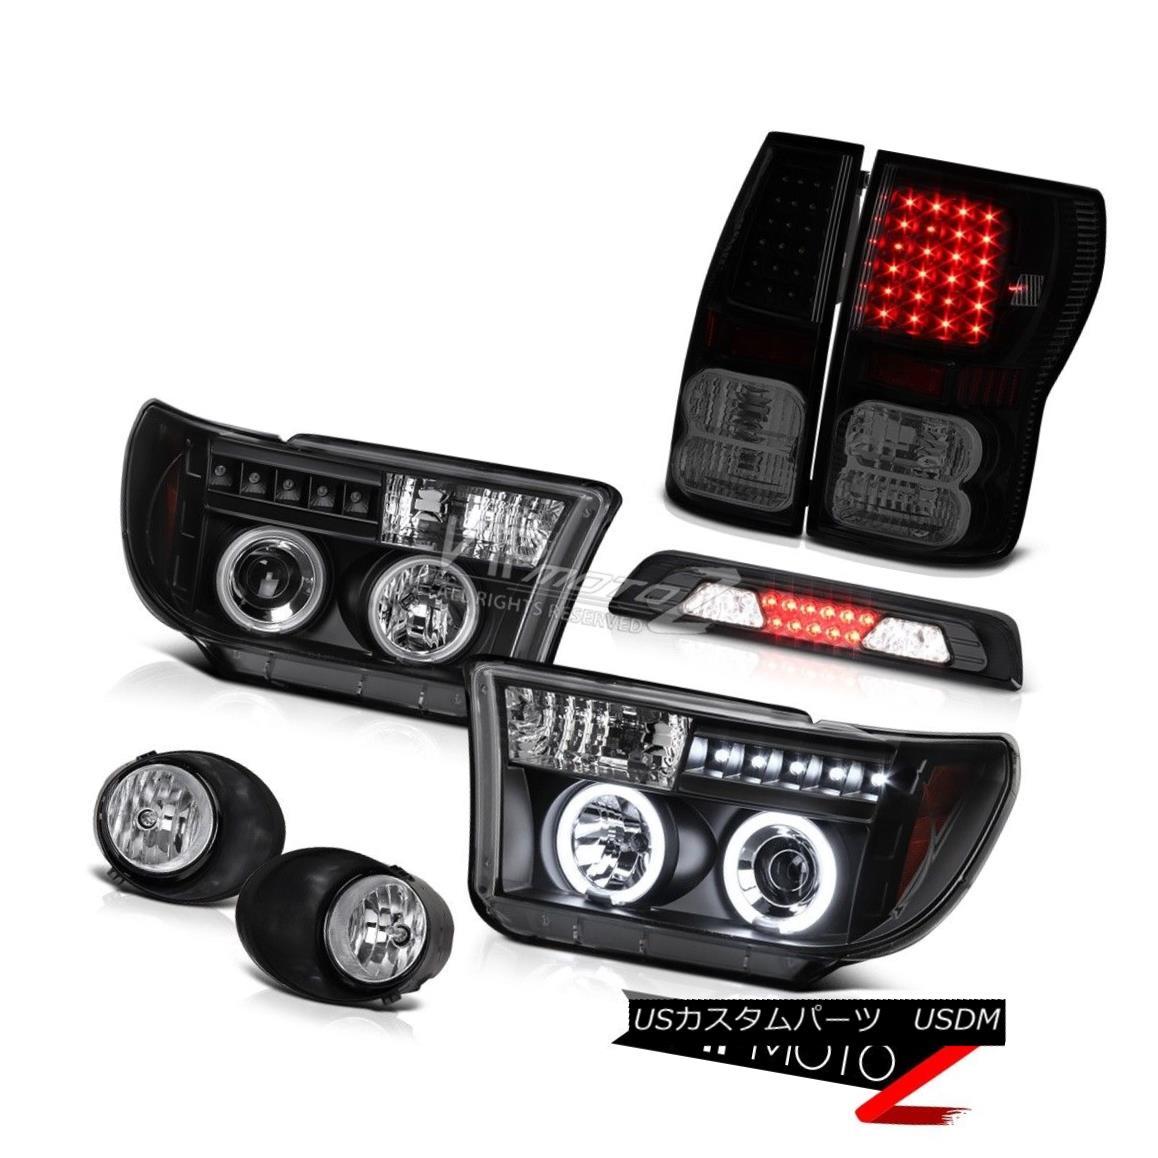 テールライト 07-13 Toyota Tundra SR5 Foglamps Roof Cargo Lamp Tail Brake Lamps Headlights LED 07-13トヨタトンドラSR5フォグランプルーフカーゴランプテールブレーキランプヘッドライトLED